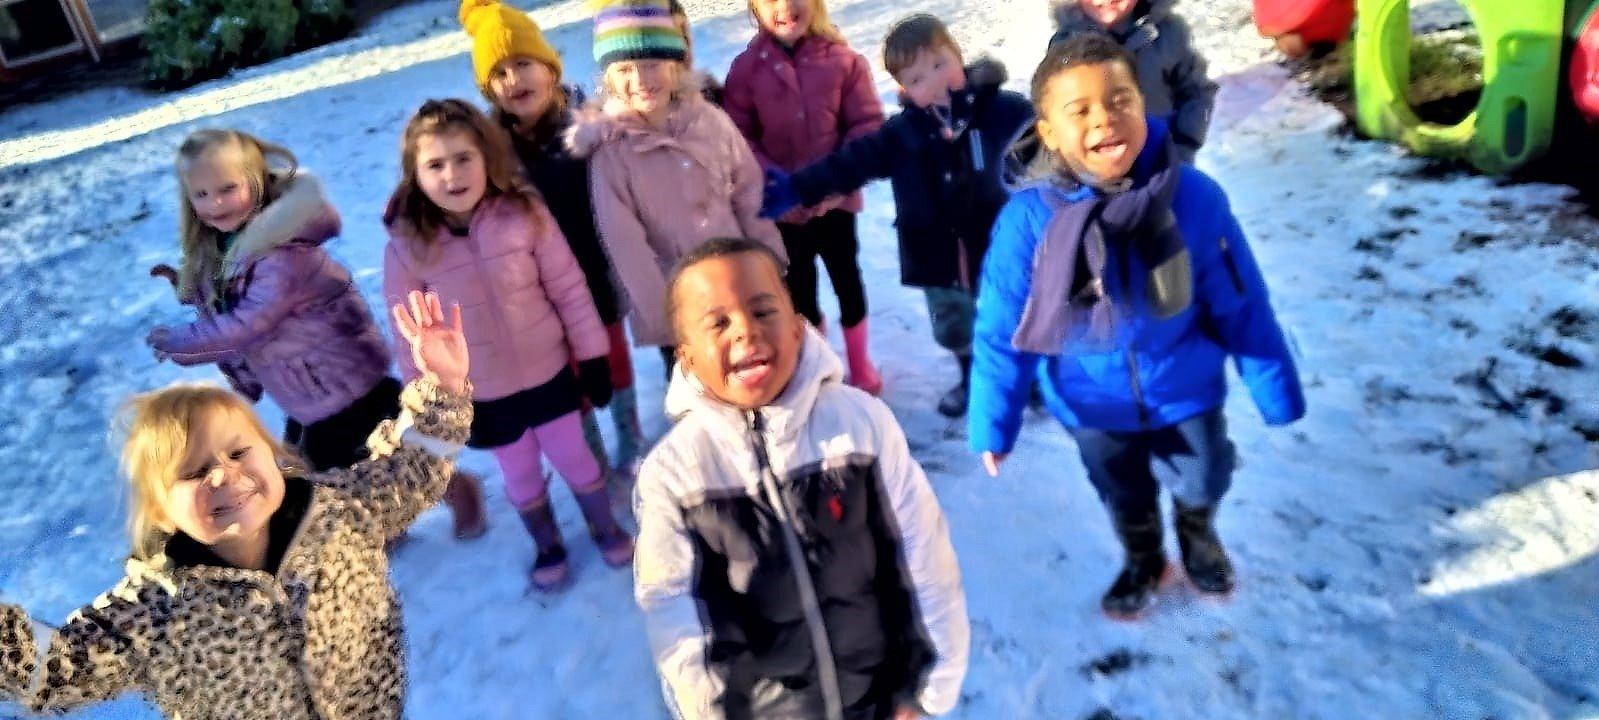 Nurserylands 2 - Nurserylands Pre-School and Nursery